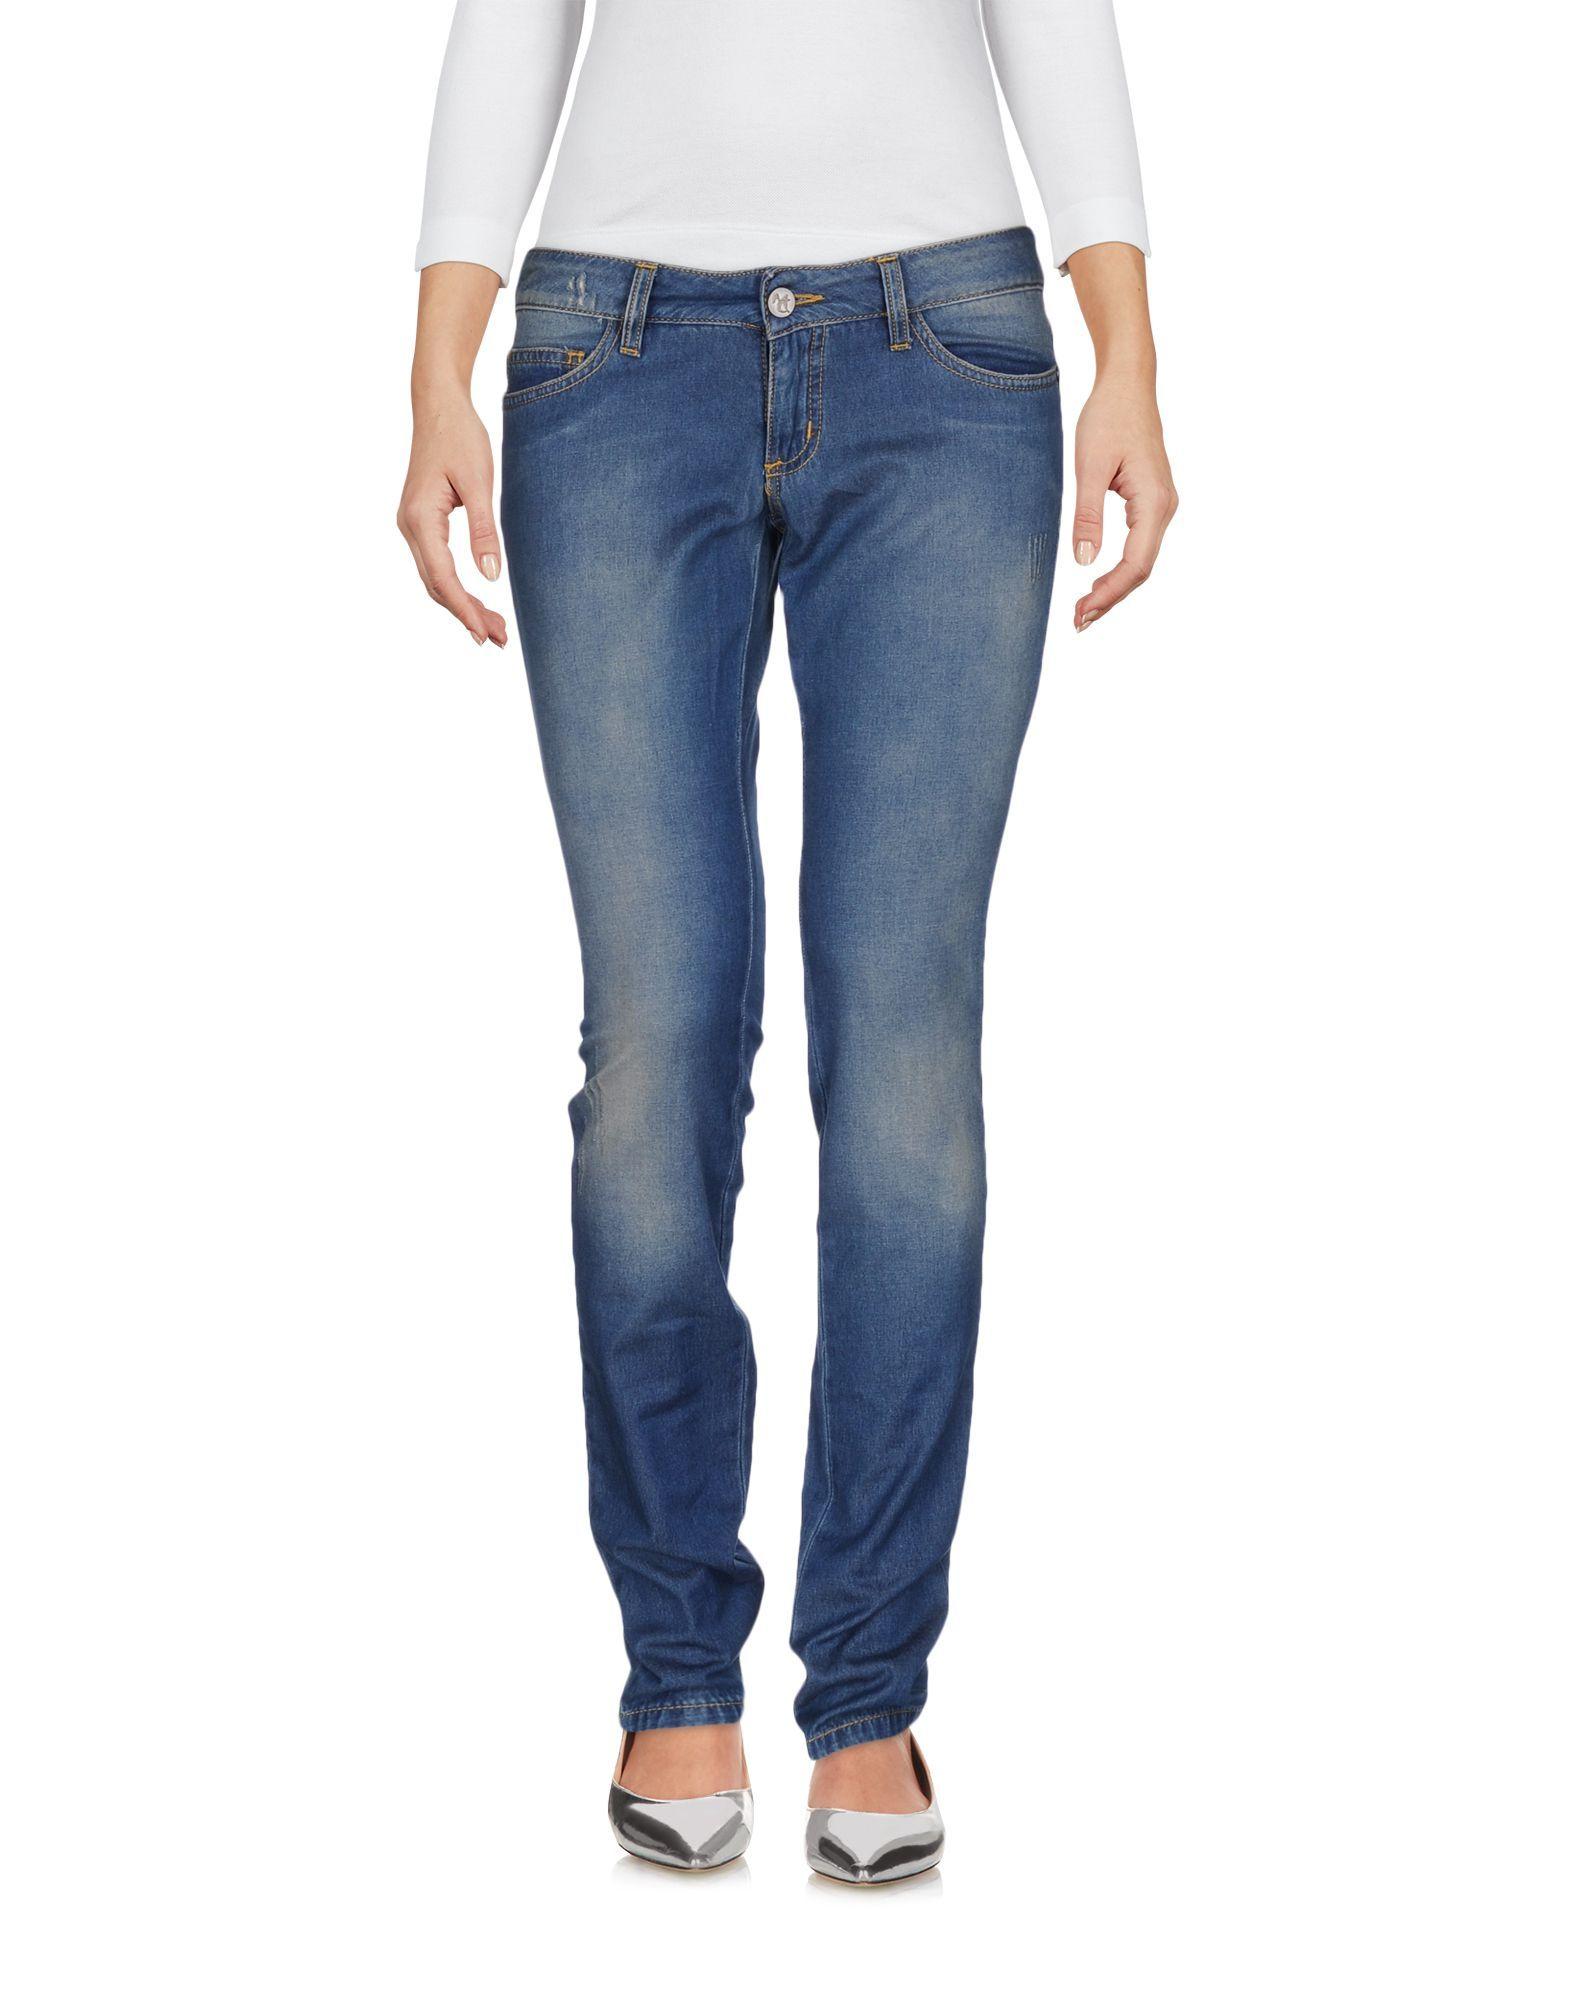 Manila Grace Blue Cotton Jeans